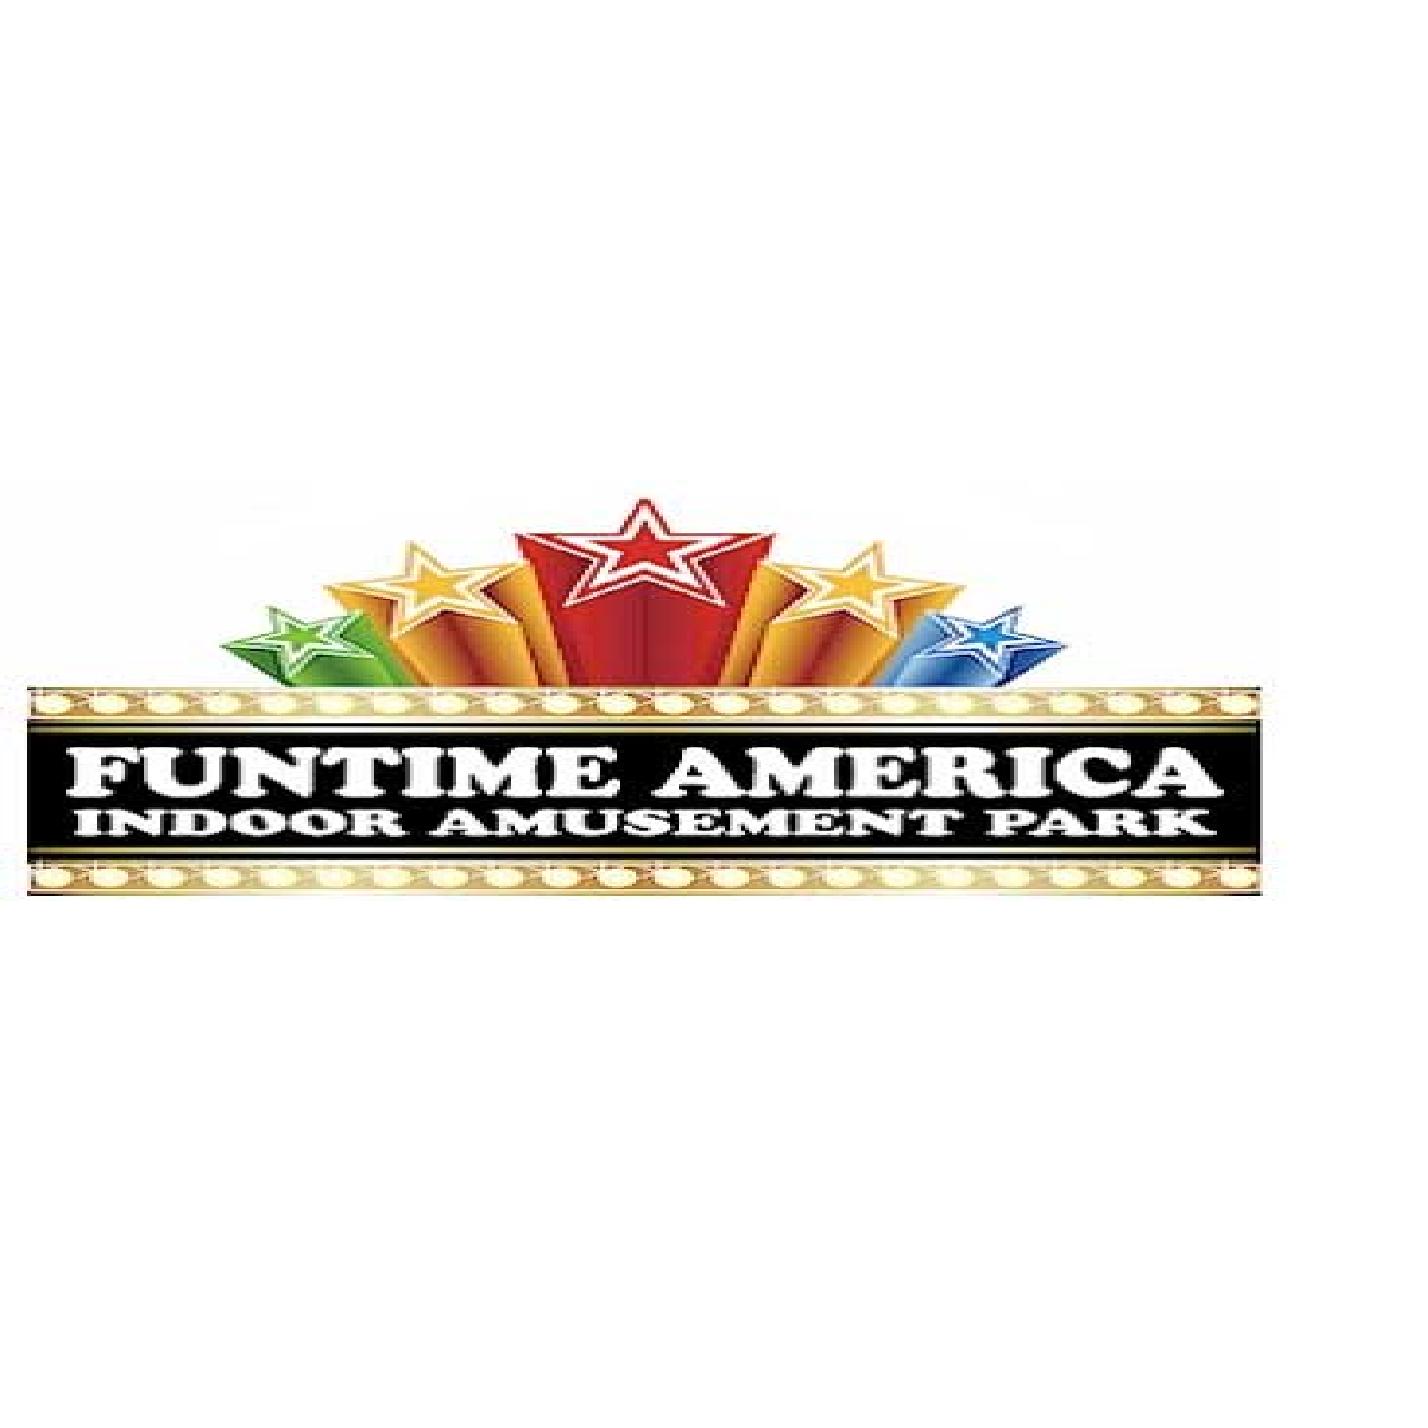 Fun Time America